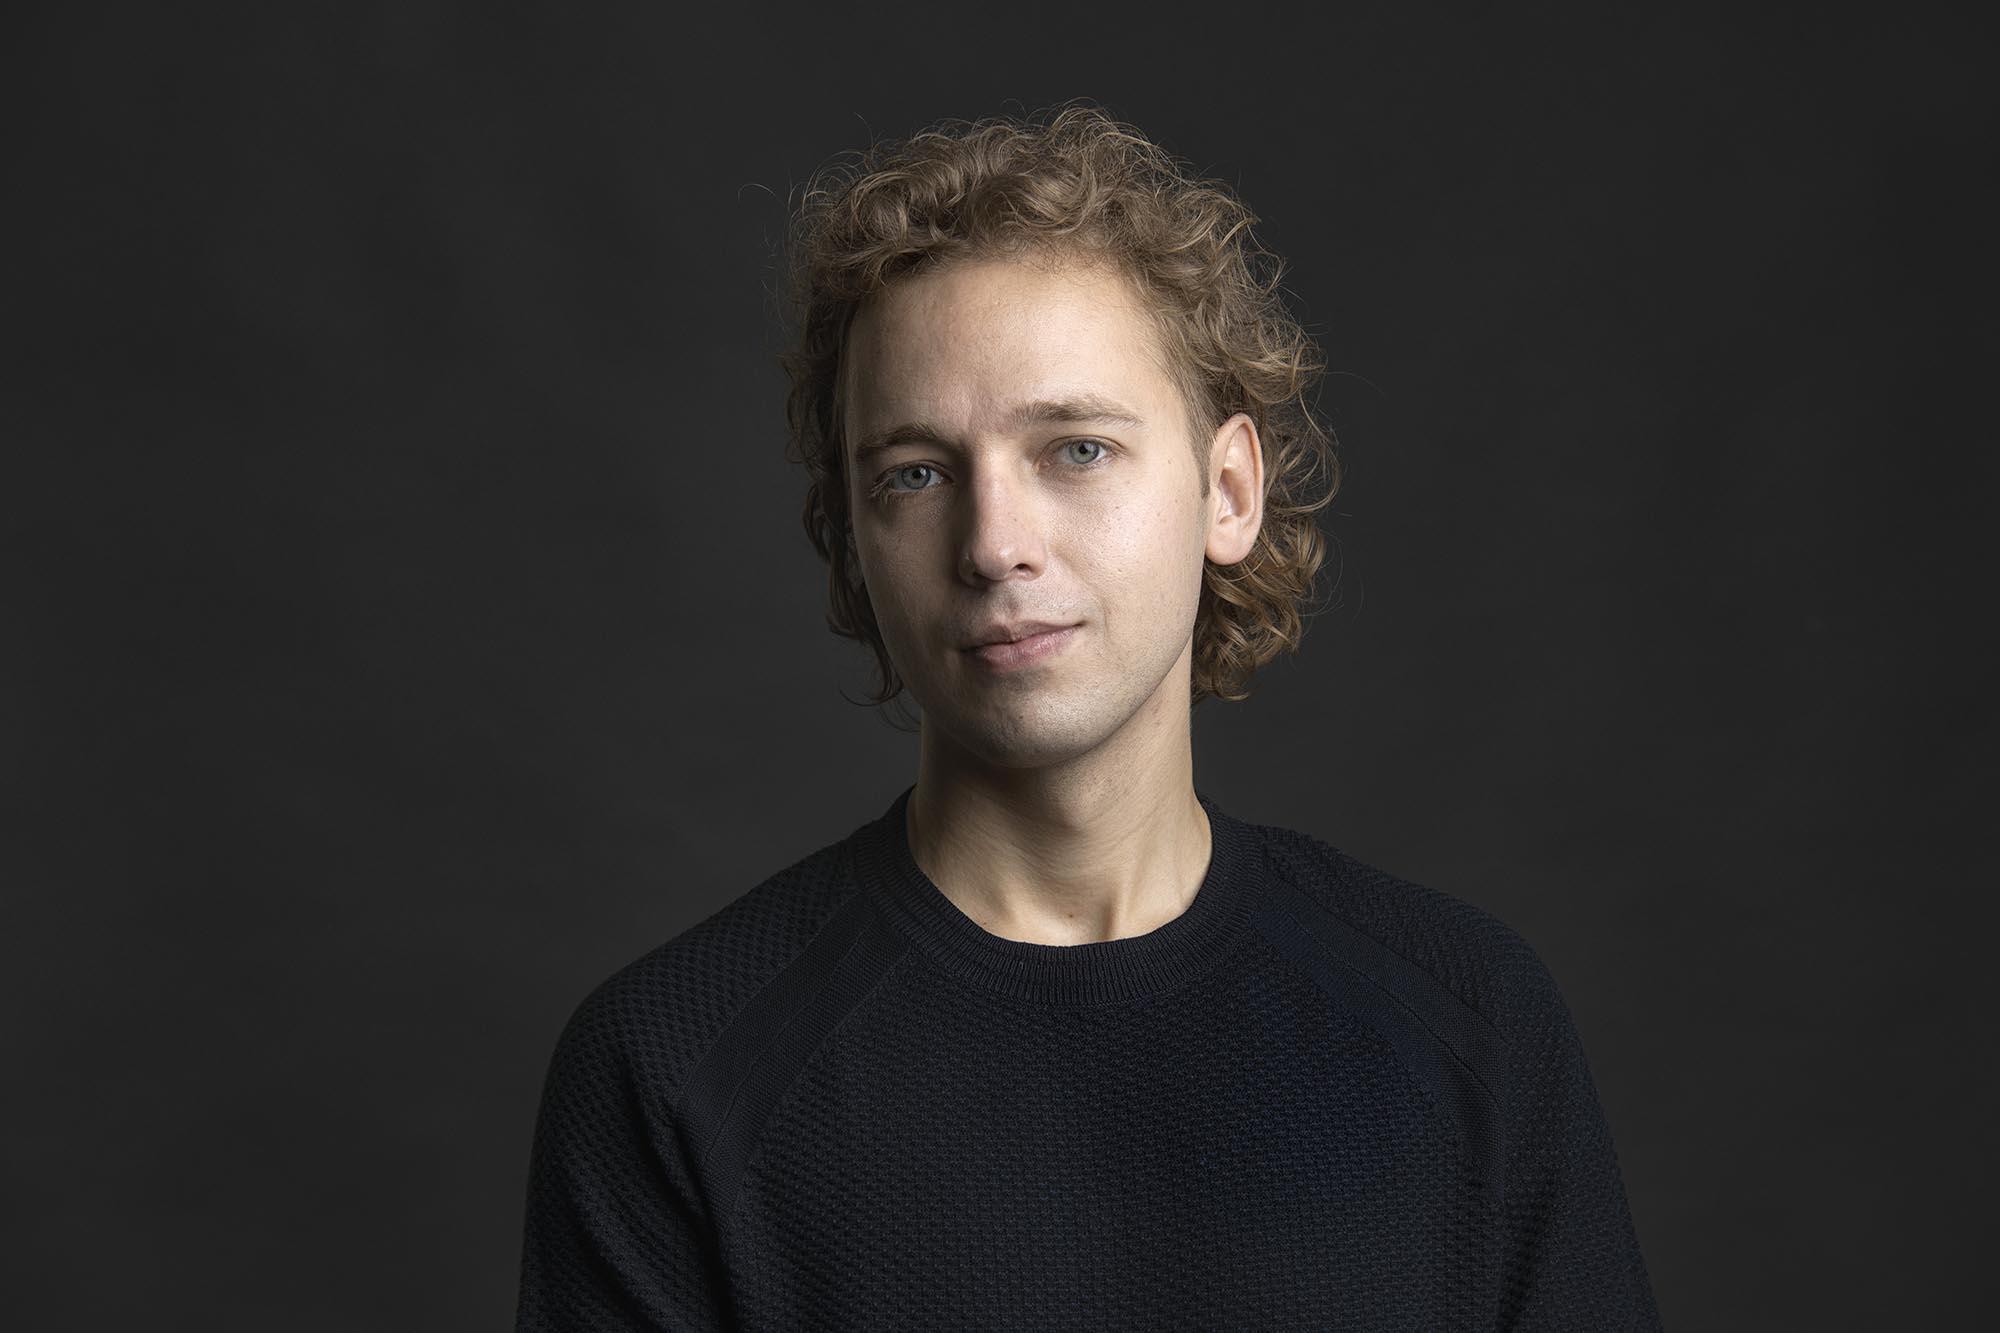 Raoul Steffani